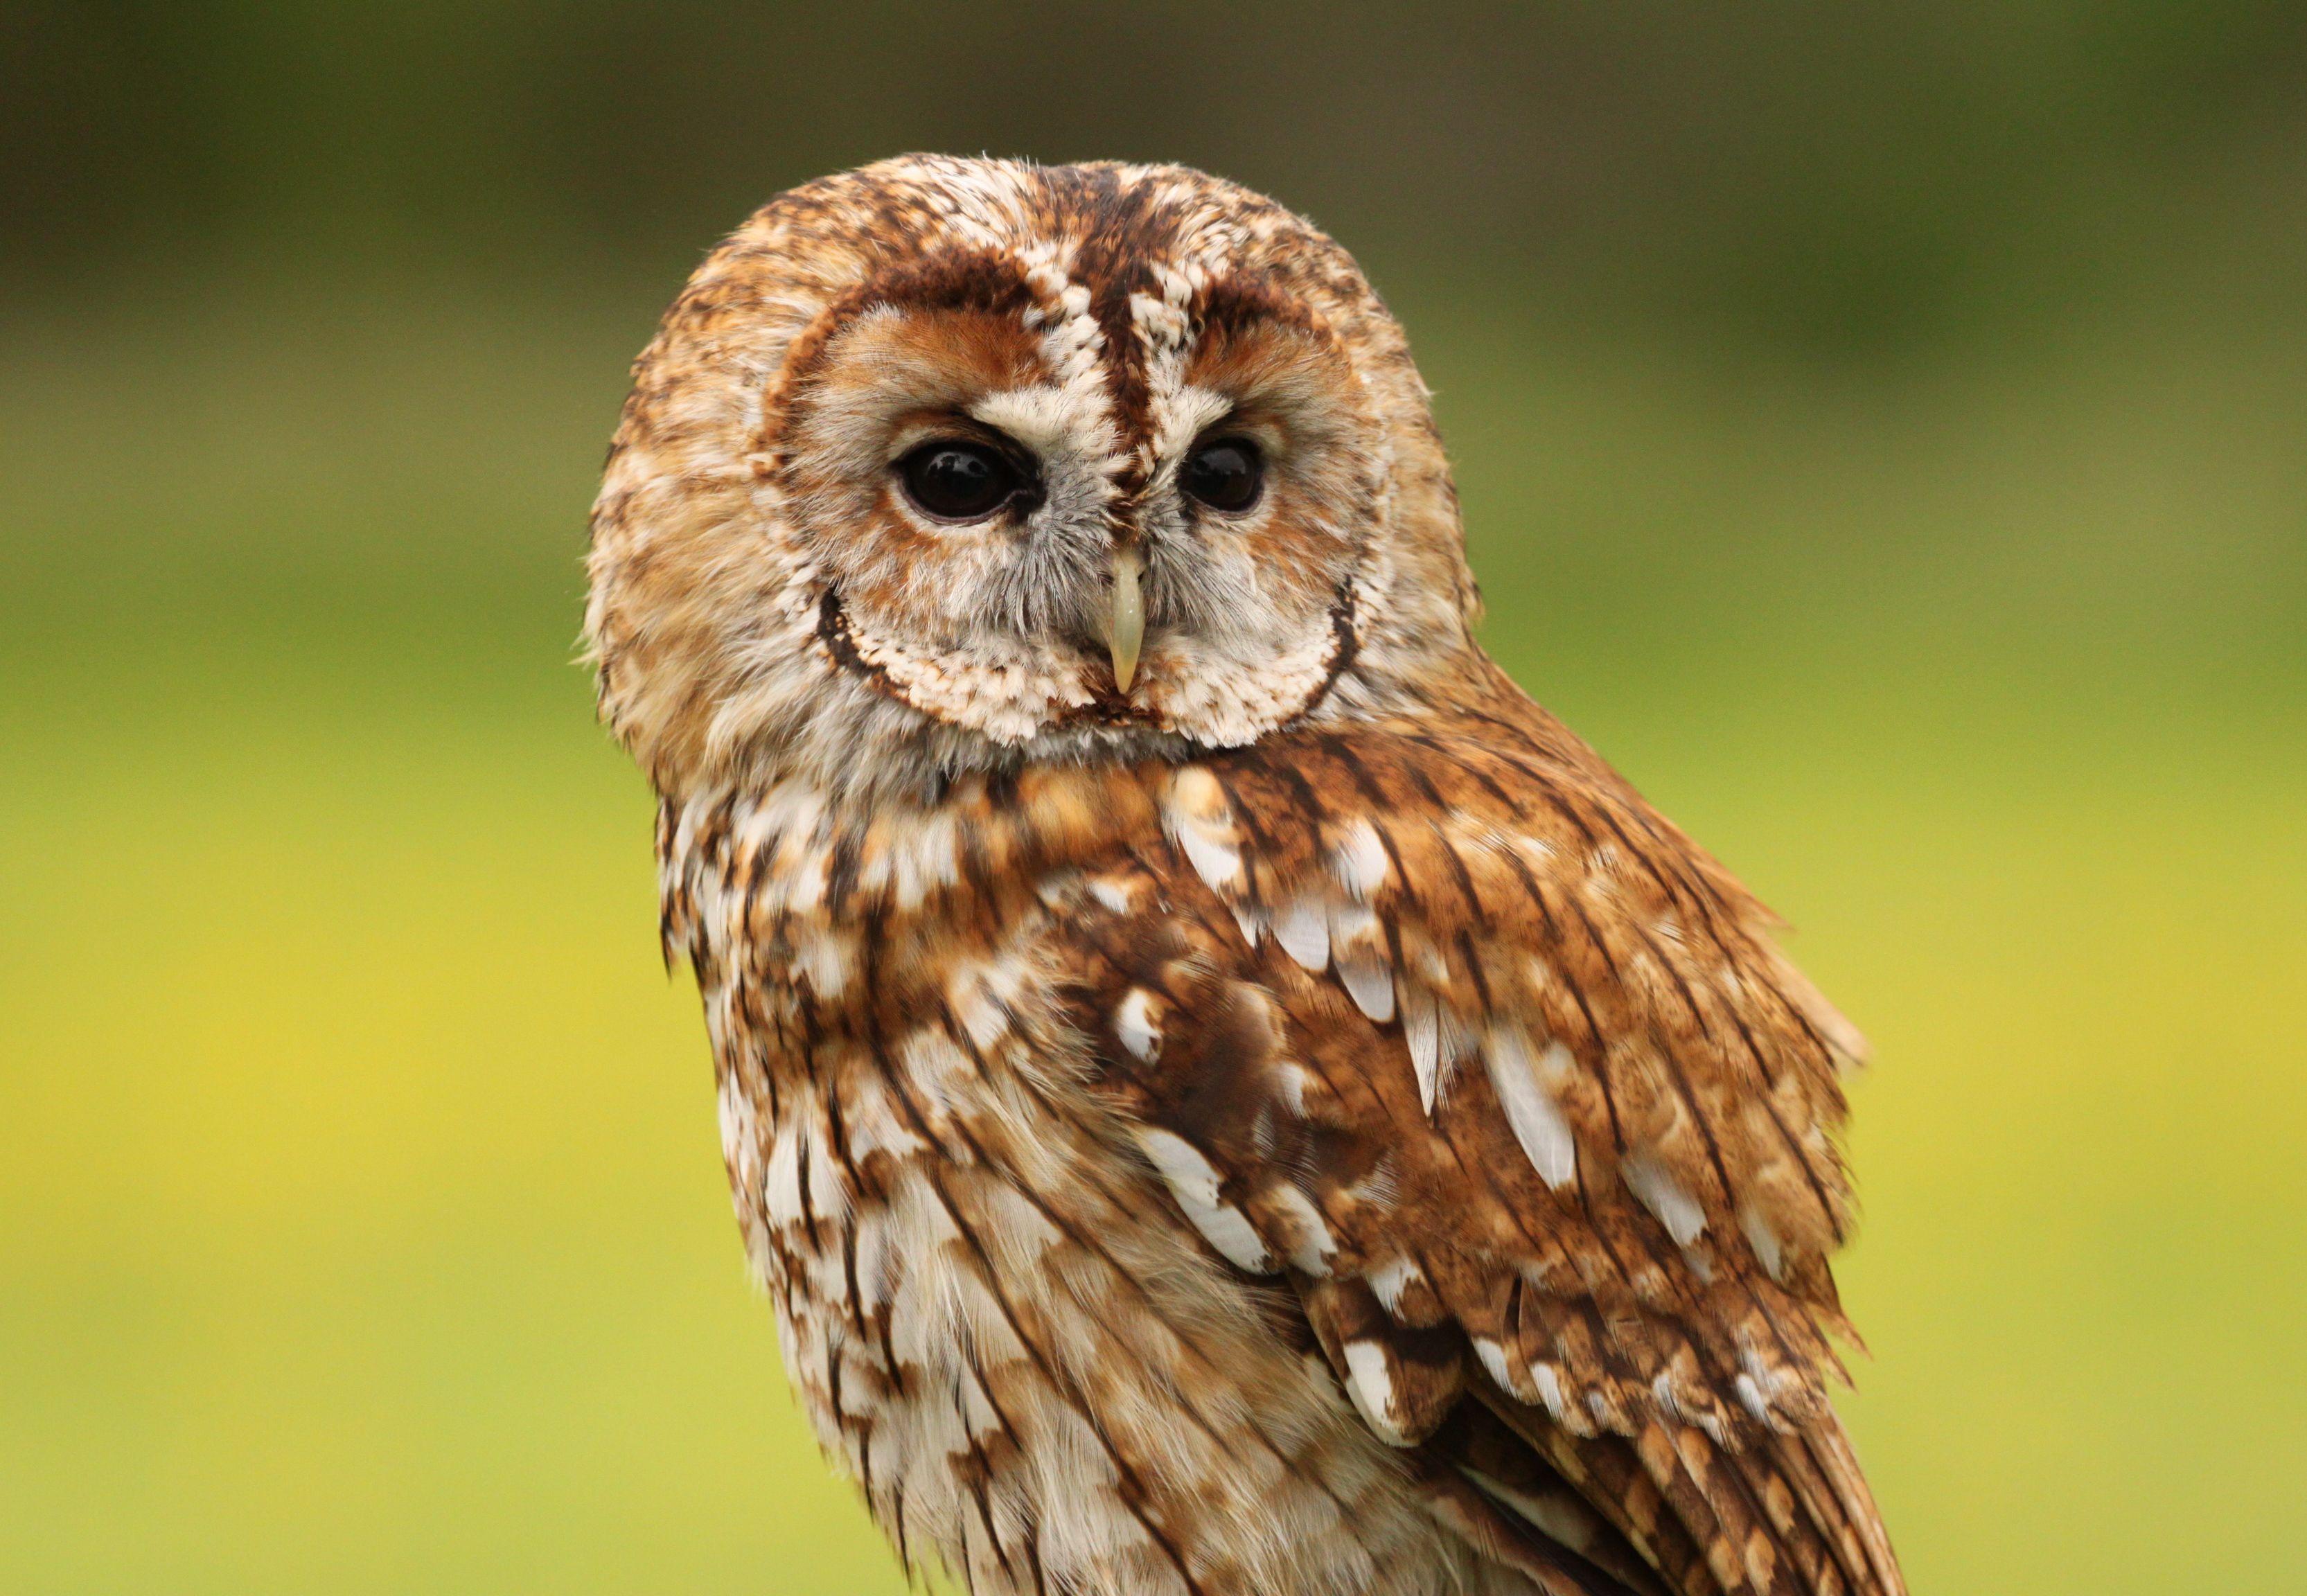 Tawny Owl Hd Wallpaper